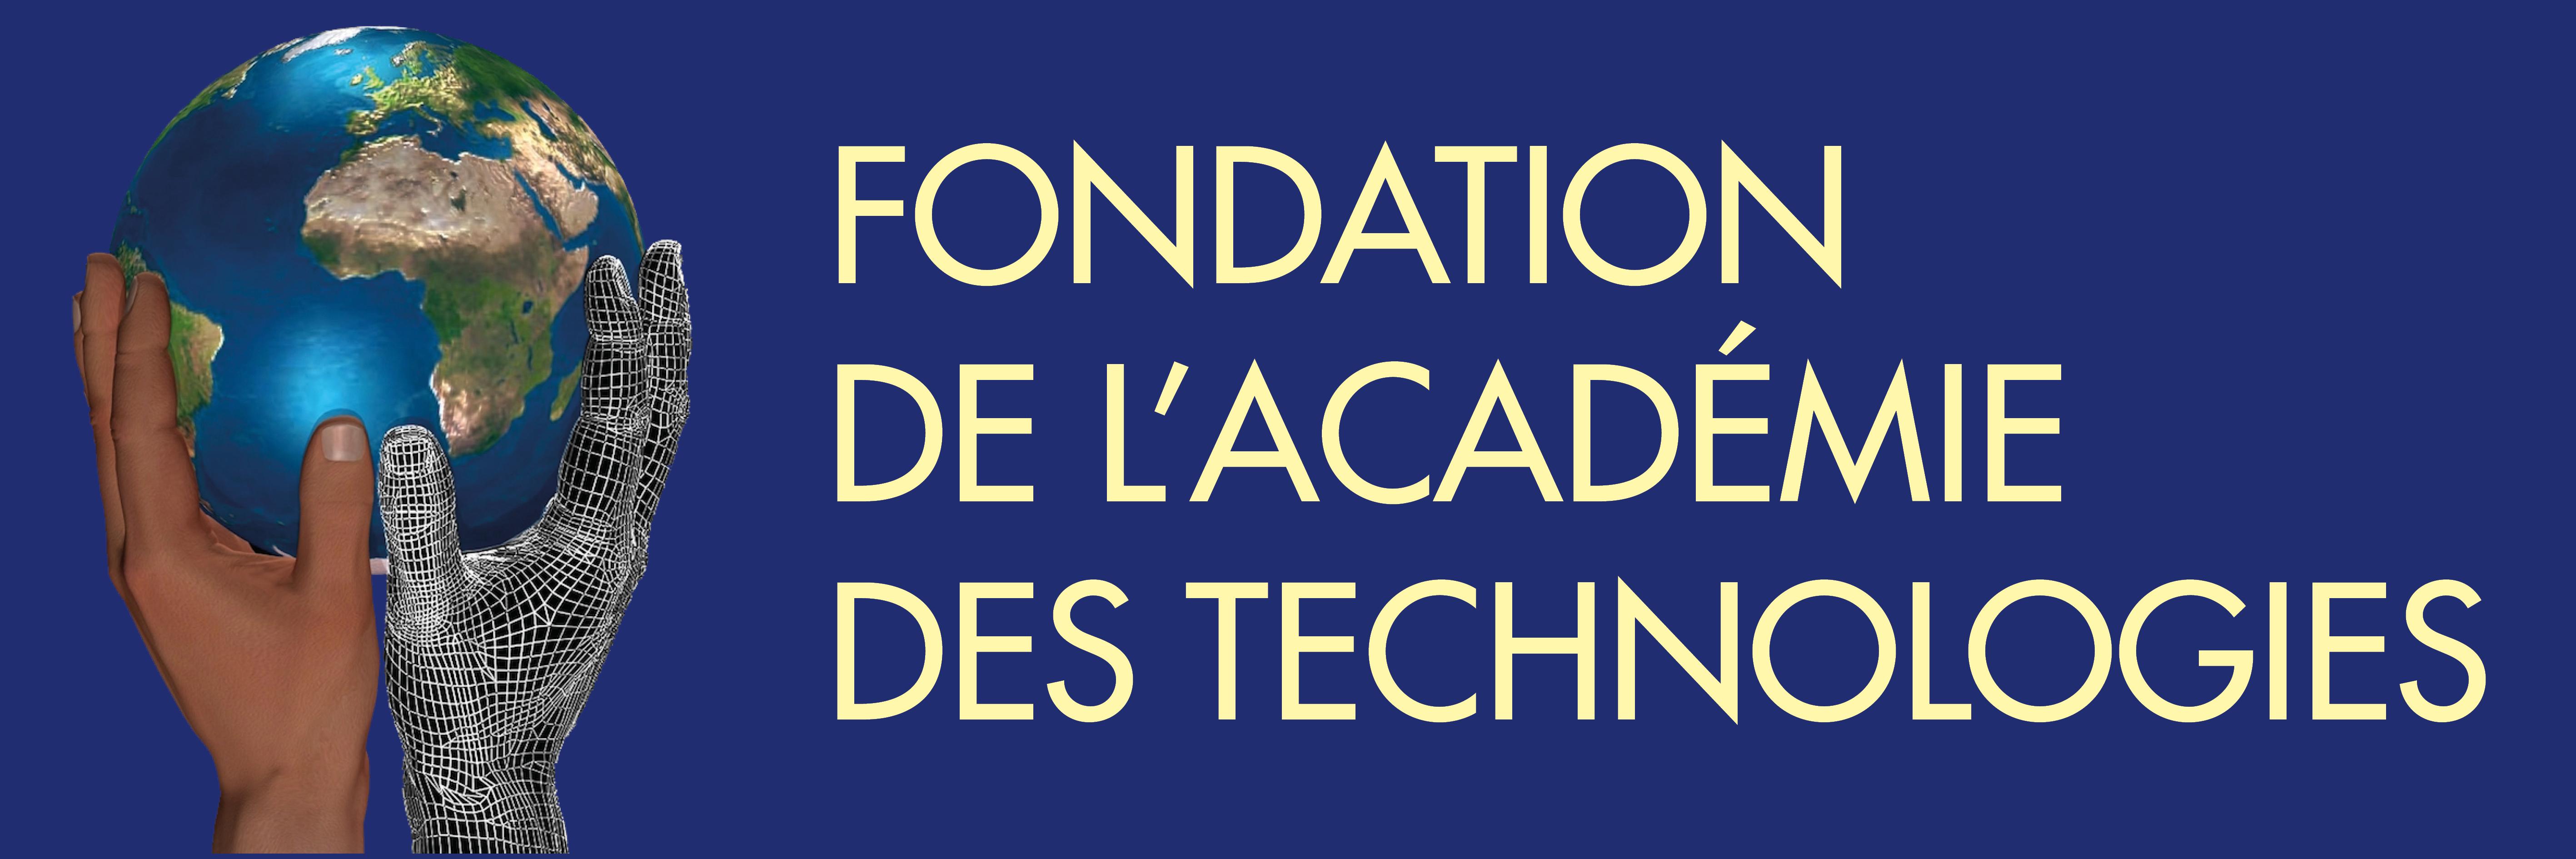 PARTENAIRE FONDATION DE L'ACADEMIE DES TECHNOLOGIES